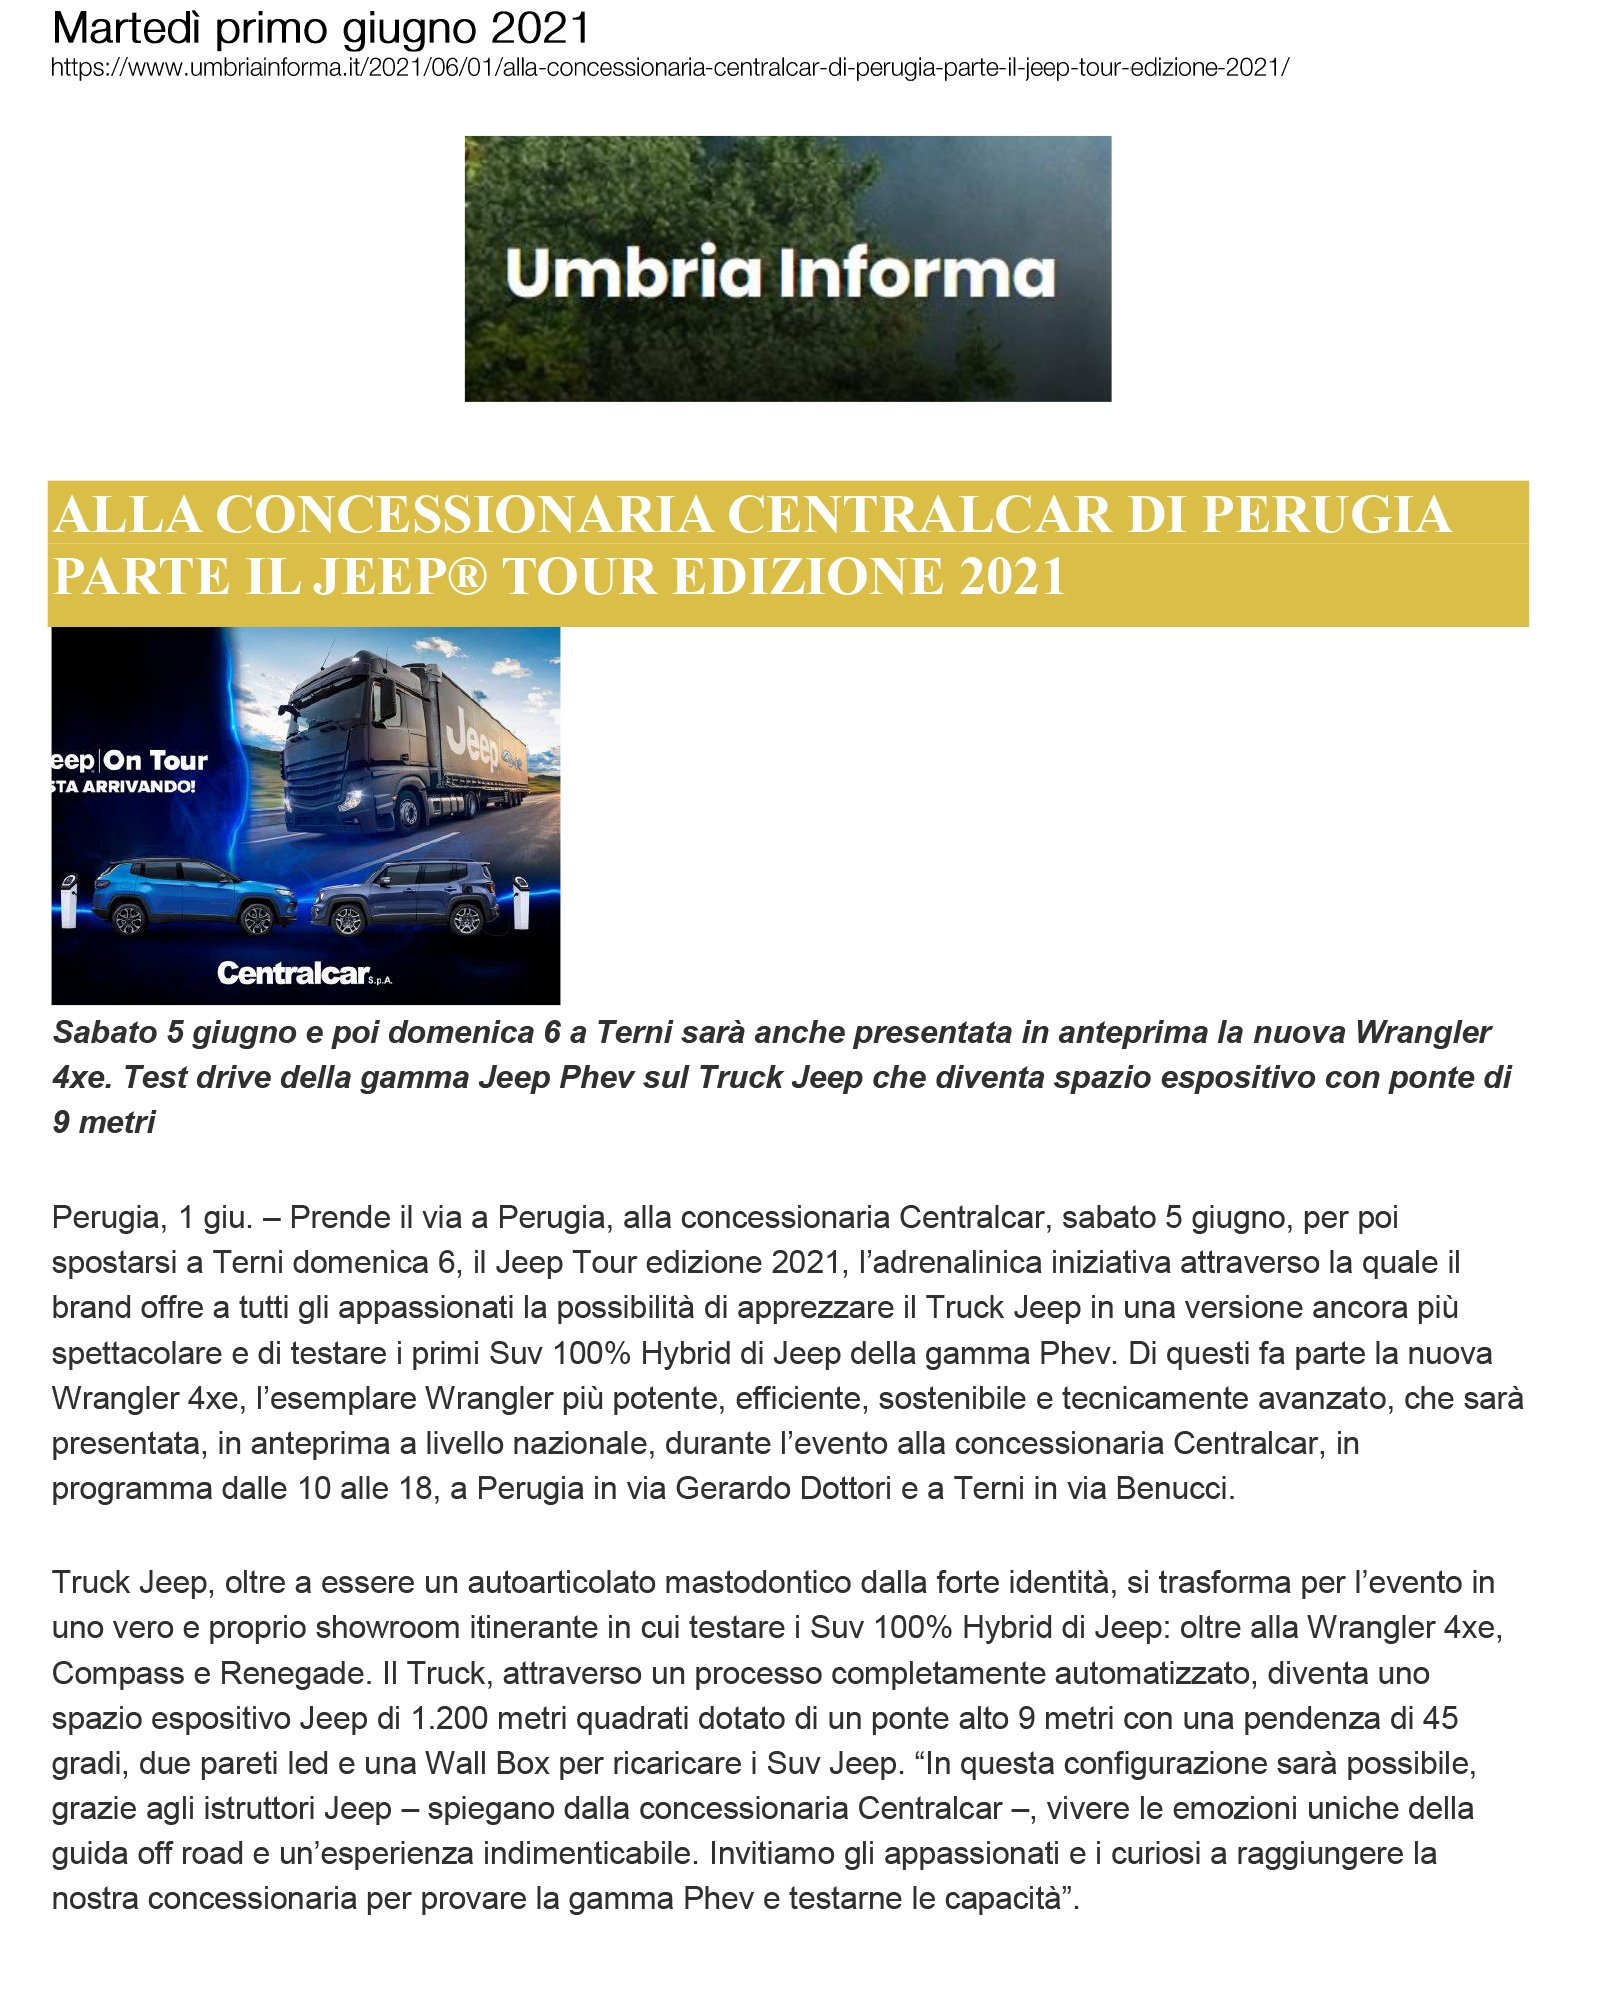 Alla concessionaria Celtracar di Perugia parte il Jeep Tour  edizione 2021